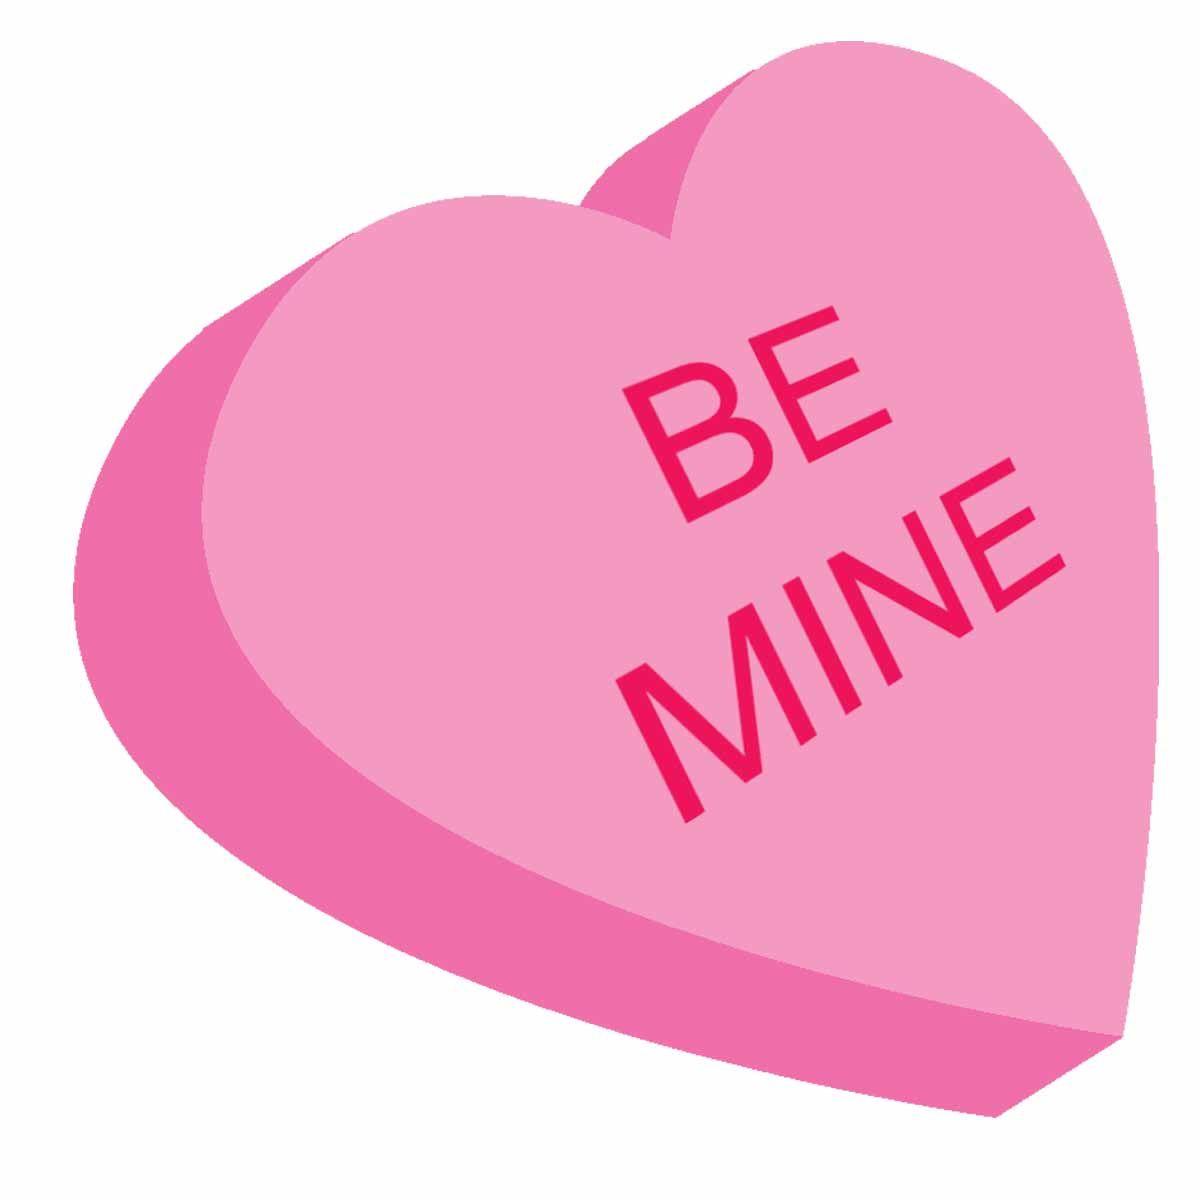 clip art valentine's | ... Valentine's day parties, valentines ...